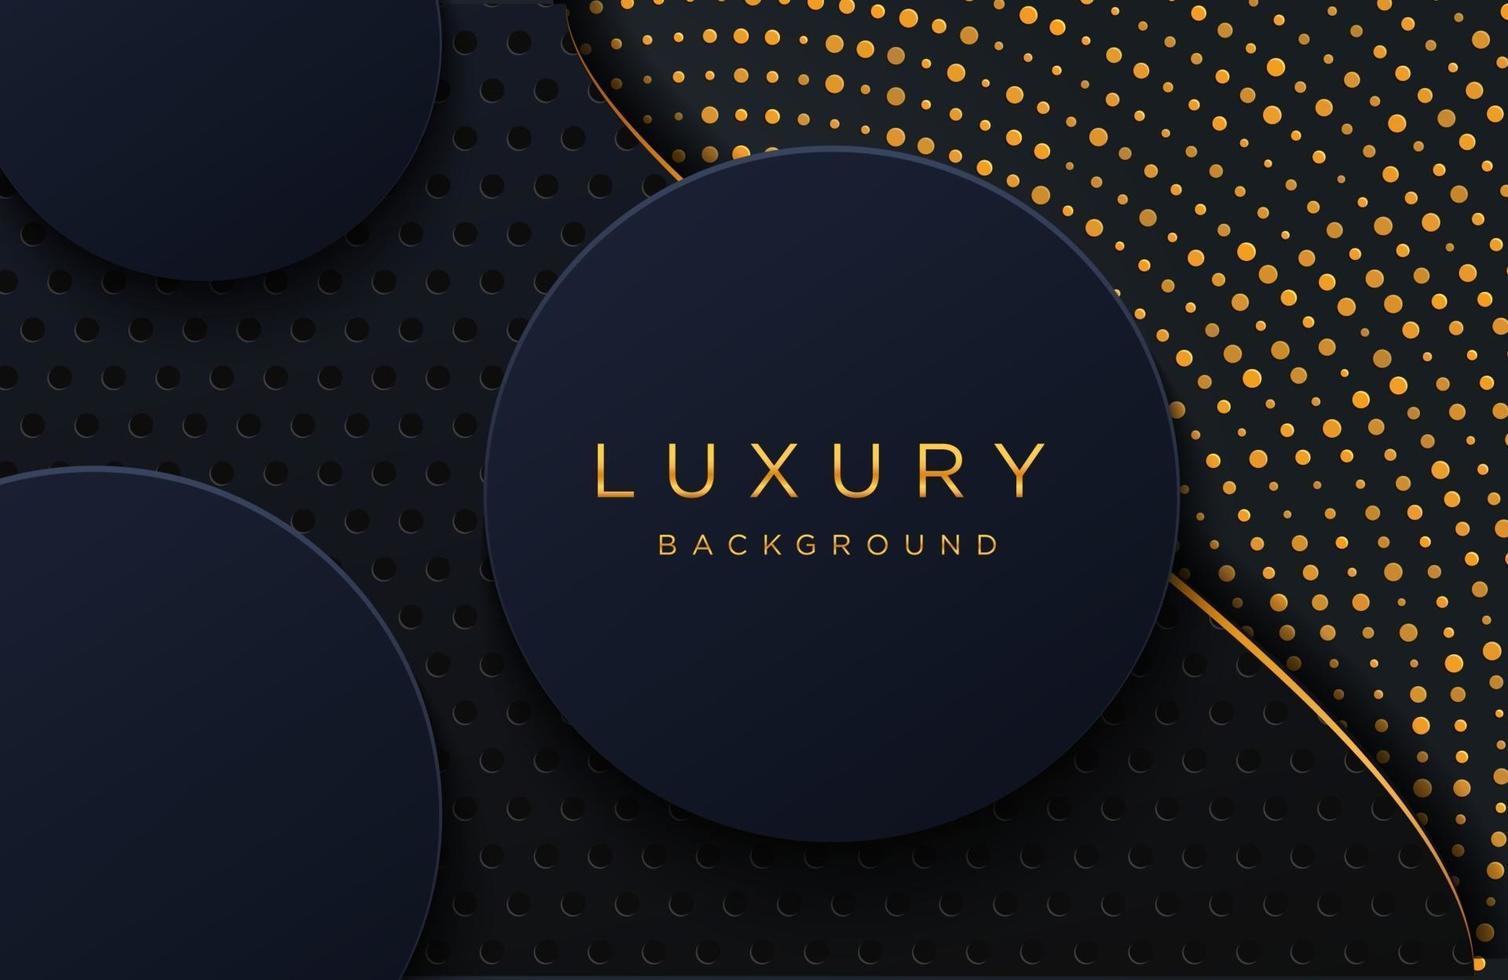 eleganter Luxushintergrund mit glänzendem Goldpunktmuster lokalisiert auf Schwarz. abstrakter realistischer Papierschnitthintergrund. elegante Cover-Vorlage vektor